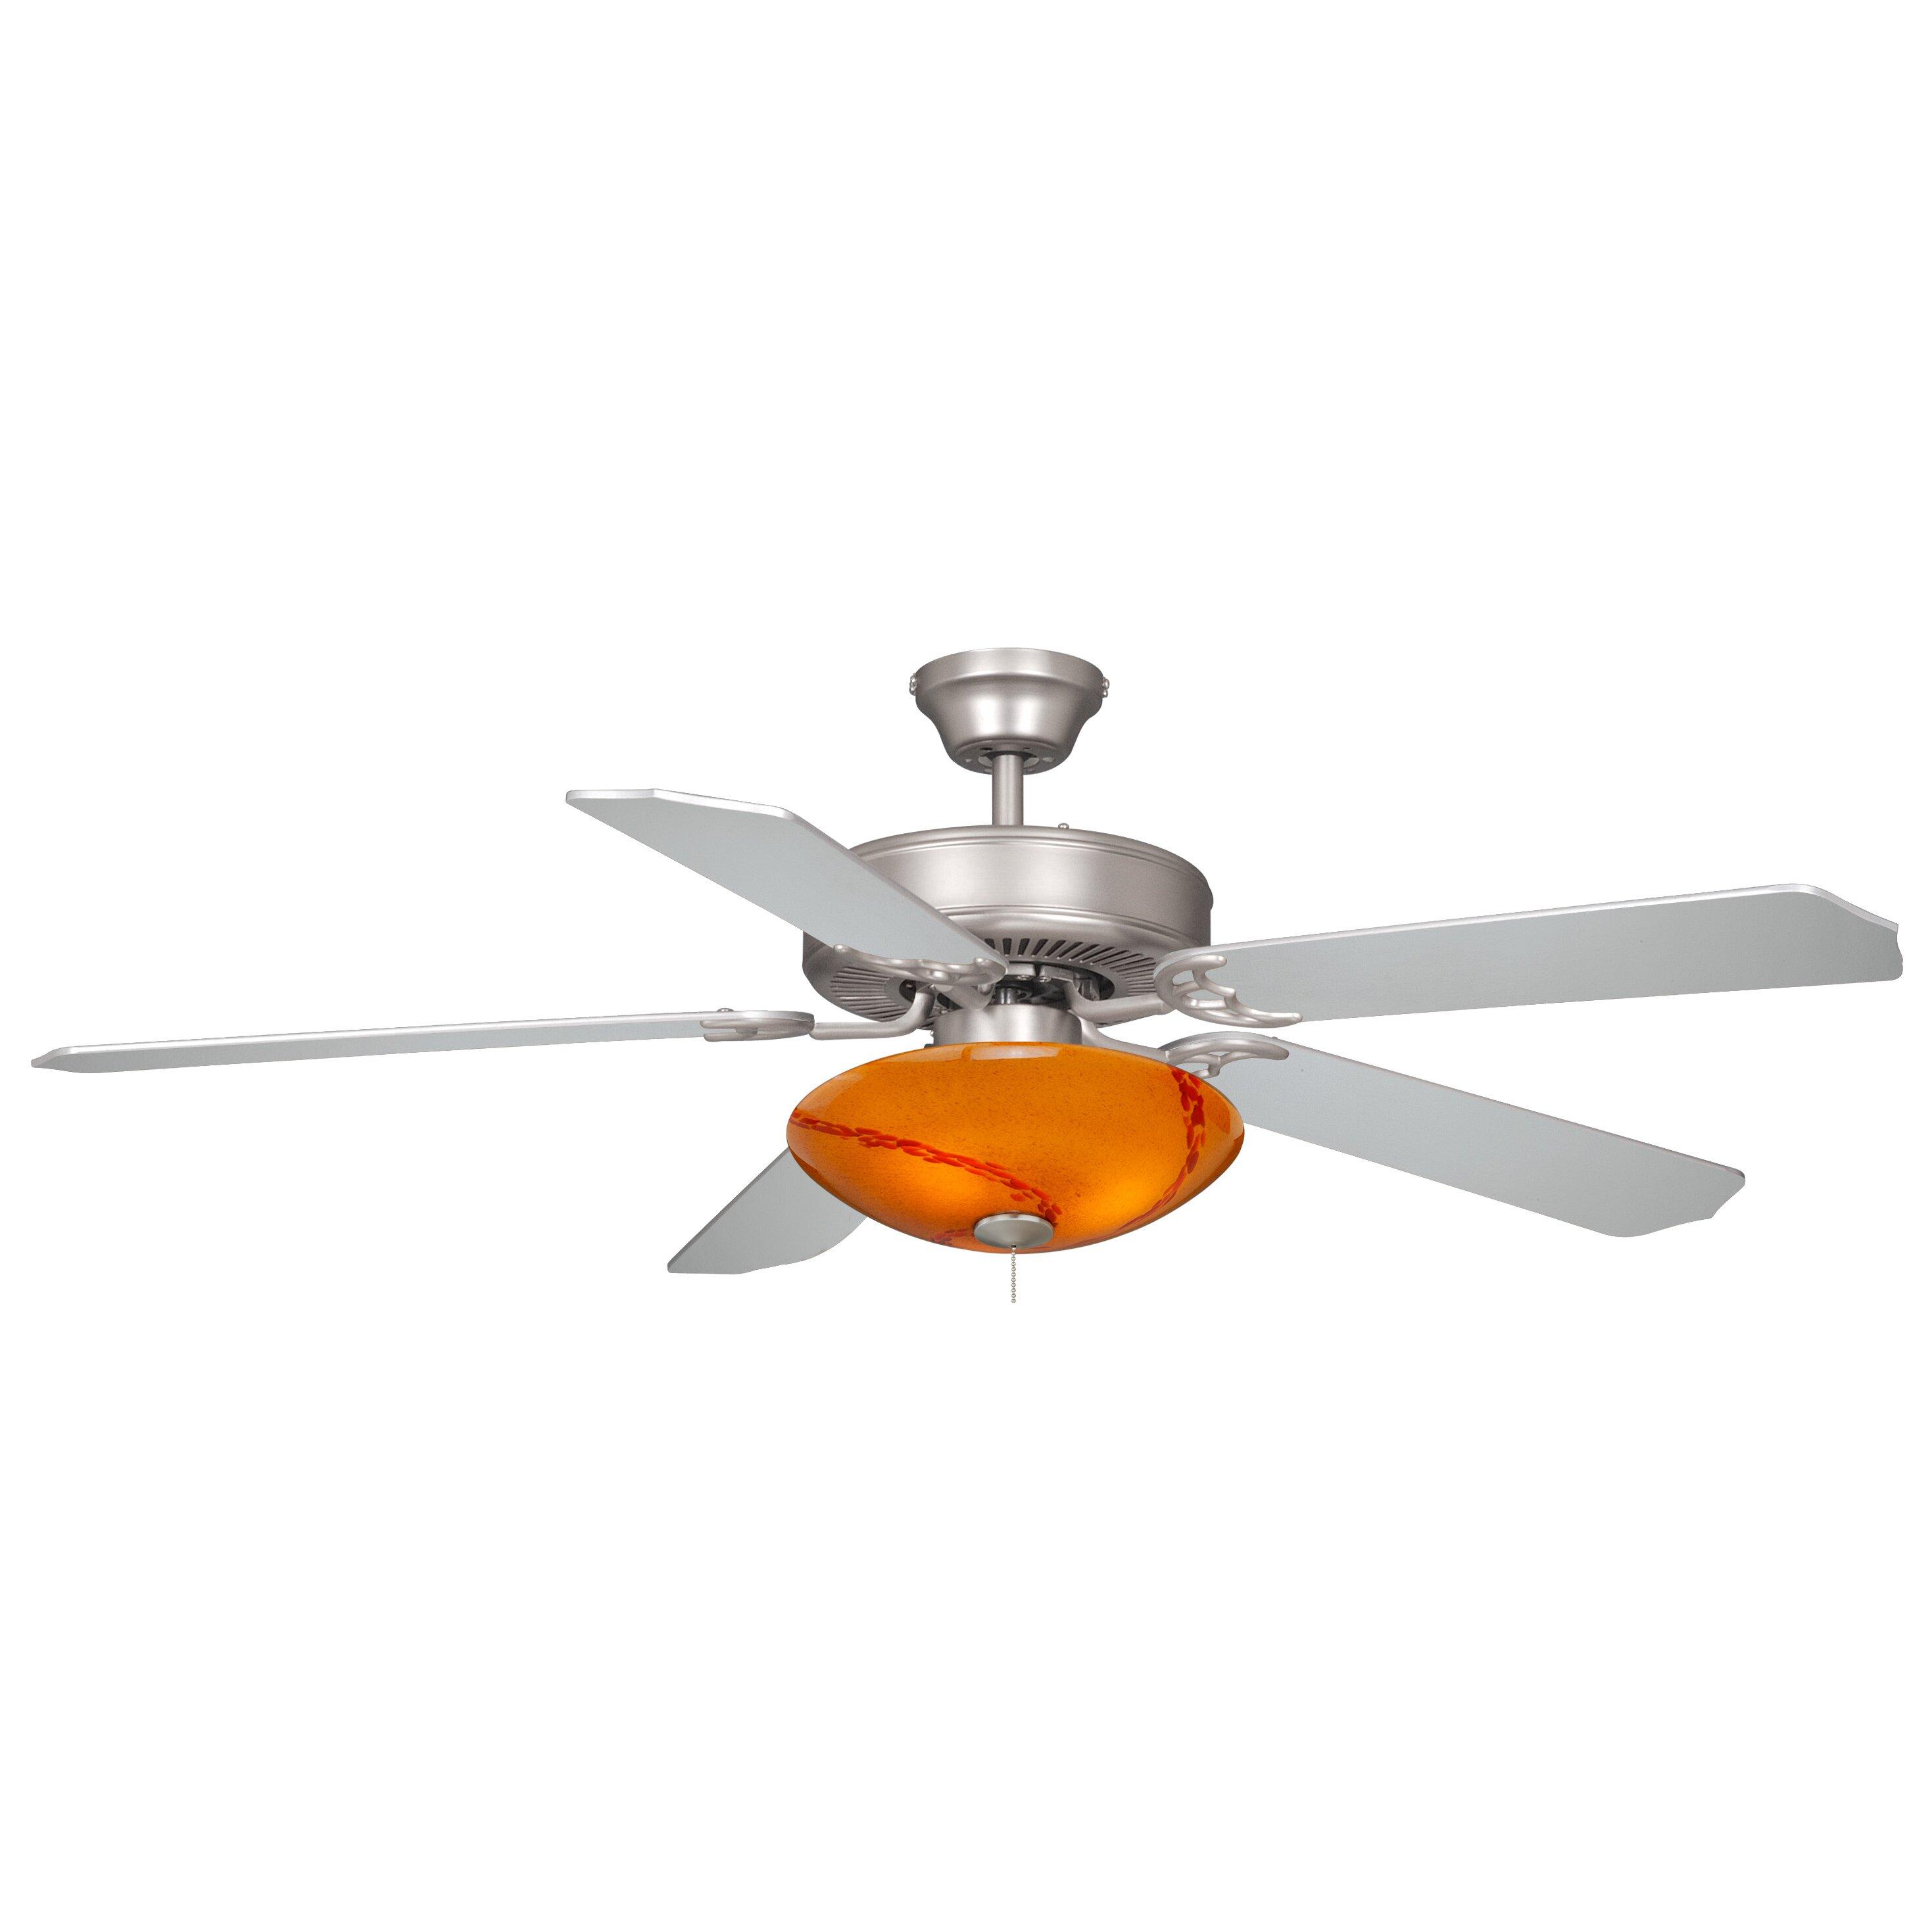 Milano 3 Light Bowl Ceiling Fan Light Kit